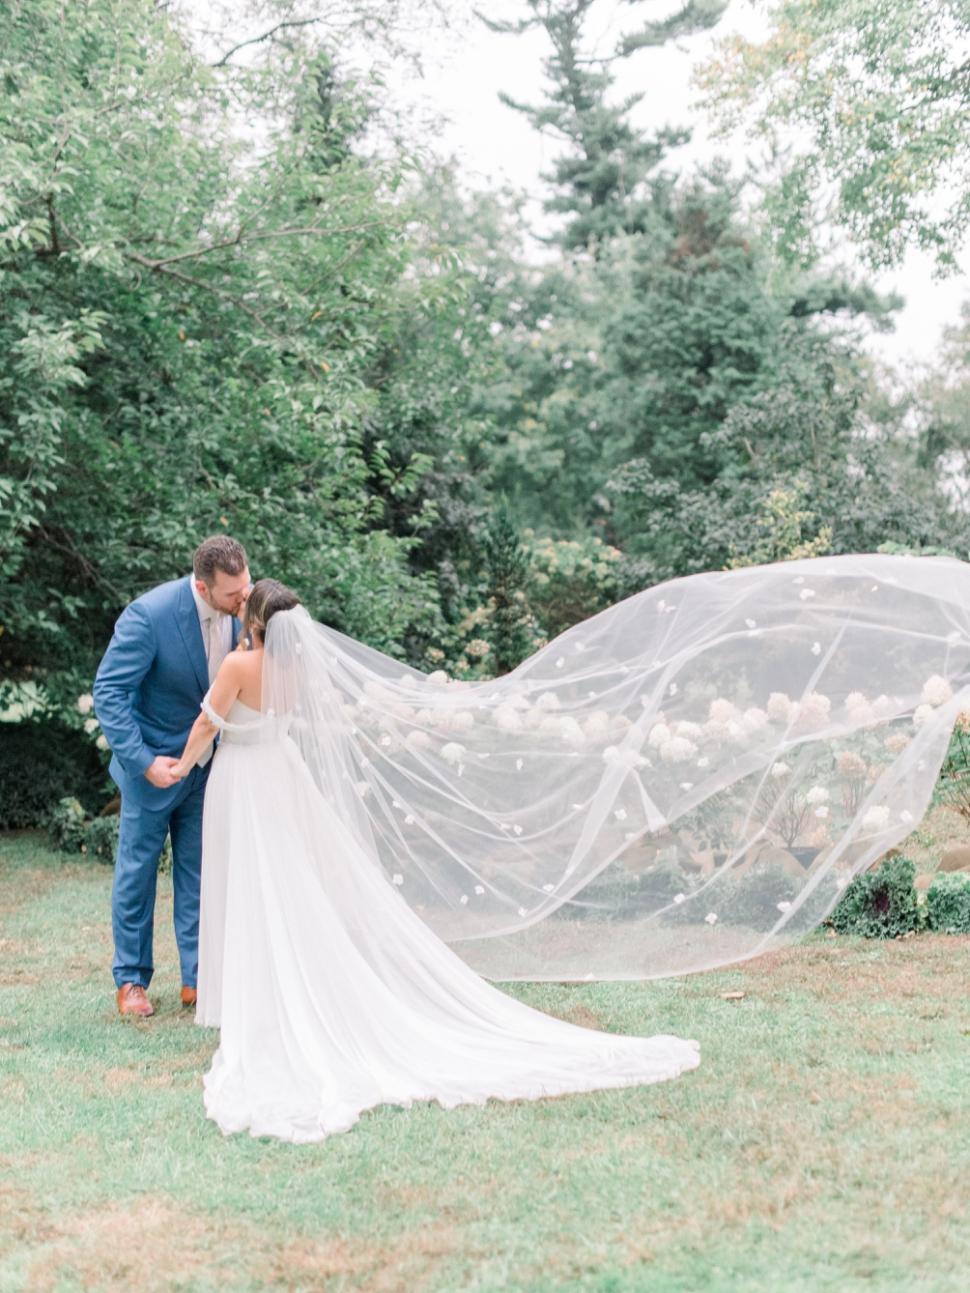 New-Jersey-Wedding-Photographer-Cassi-Claire-Inn-at-Fernbrook-Farms-Wedding_16.jpg